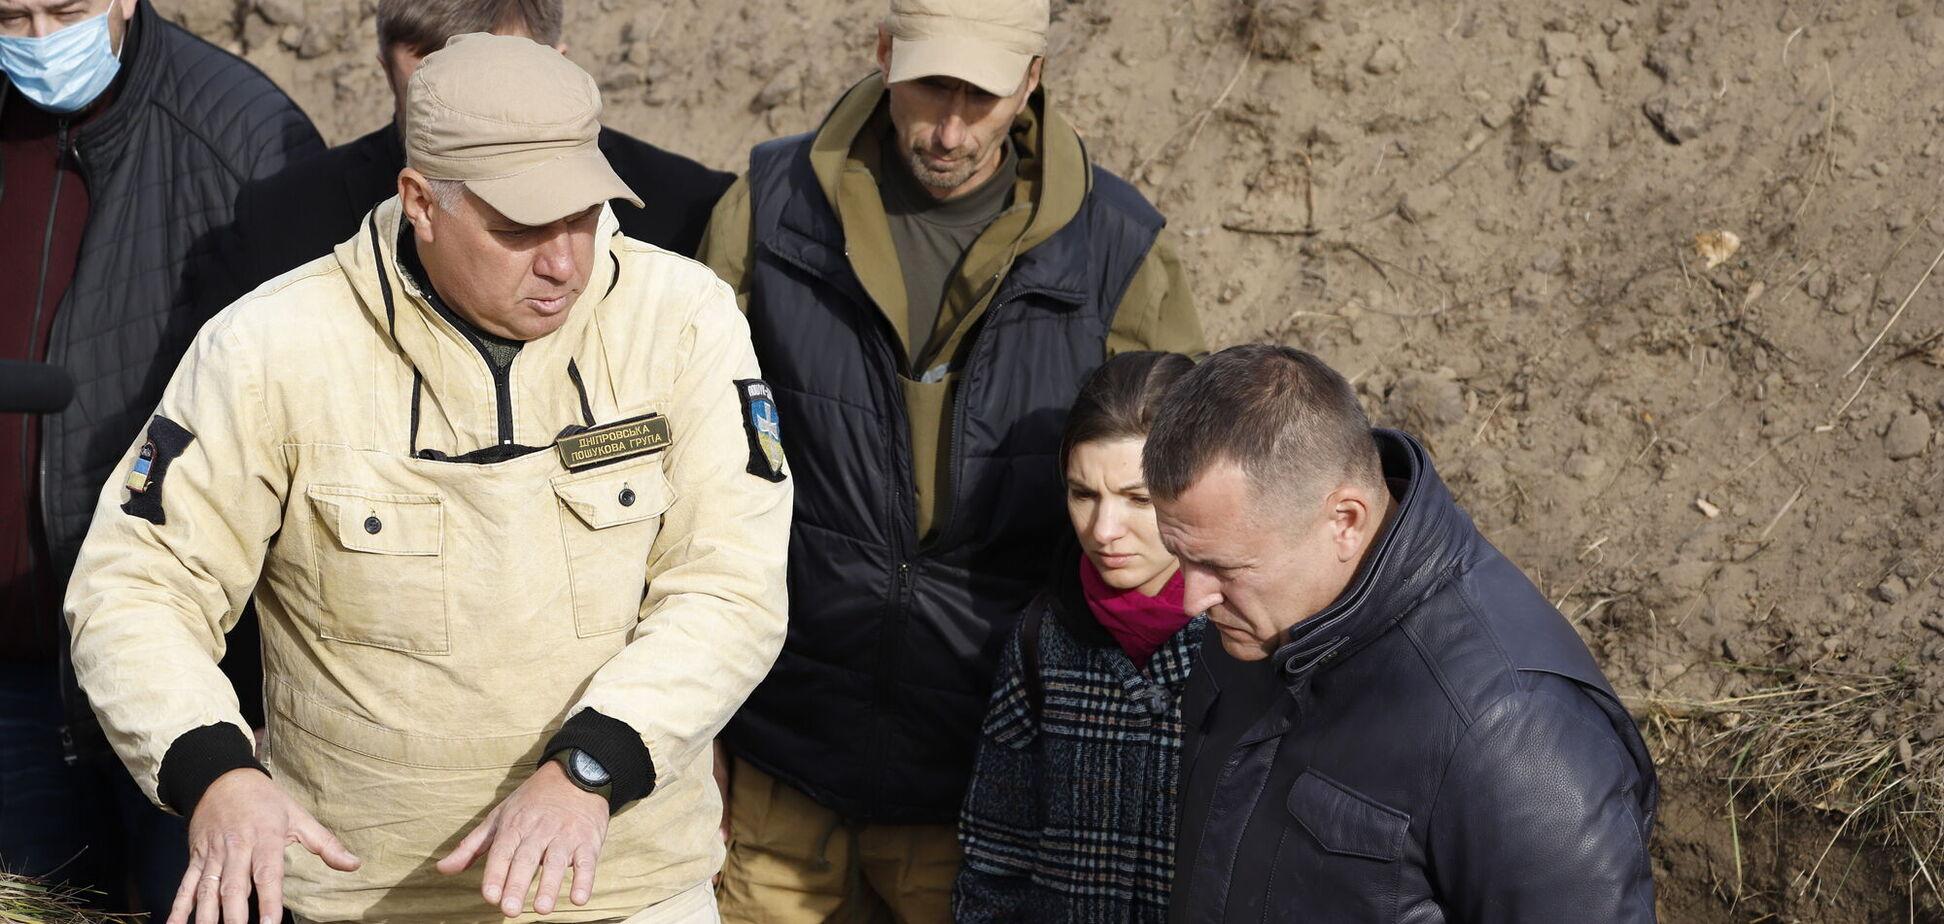 У Дніпрі тривають розкопки з пошуку полеглих у Другій світовій війні солдатів